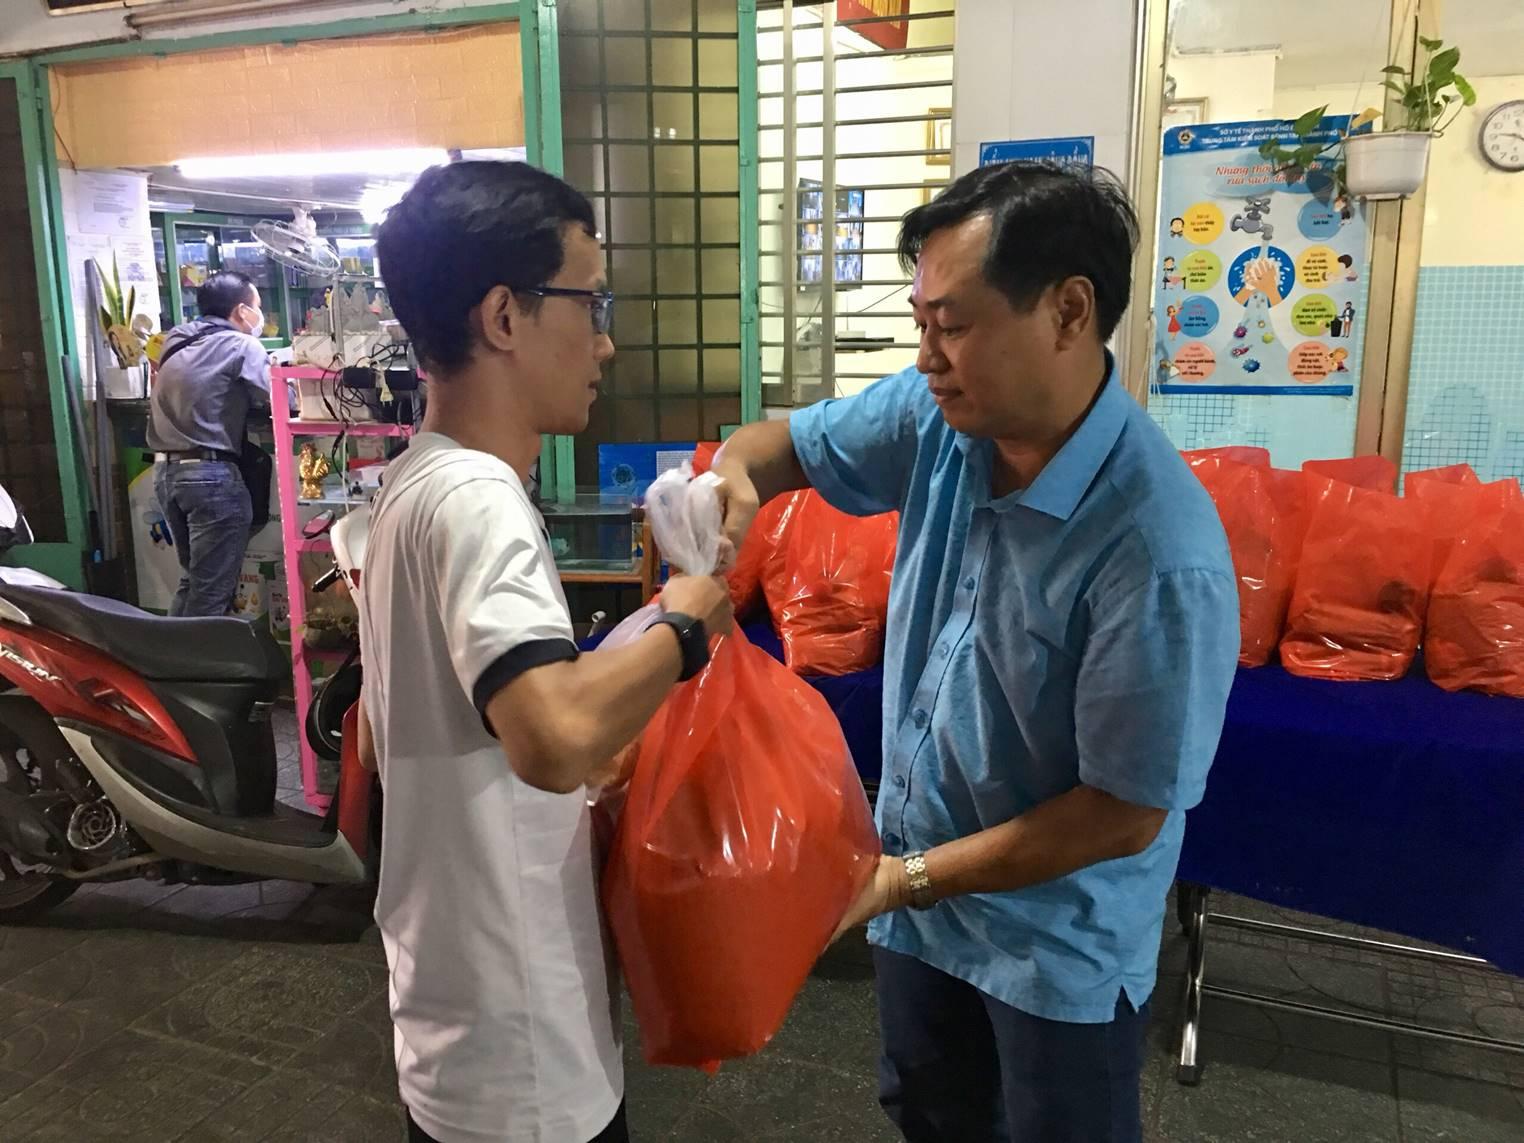 Đoàn TNCS Hồ Chí Minh, Hội LHTN Việt Nam Phường 7 trao tặng quà cho người khó khăn trên địa bàn Phường